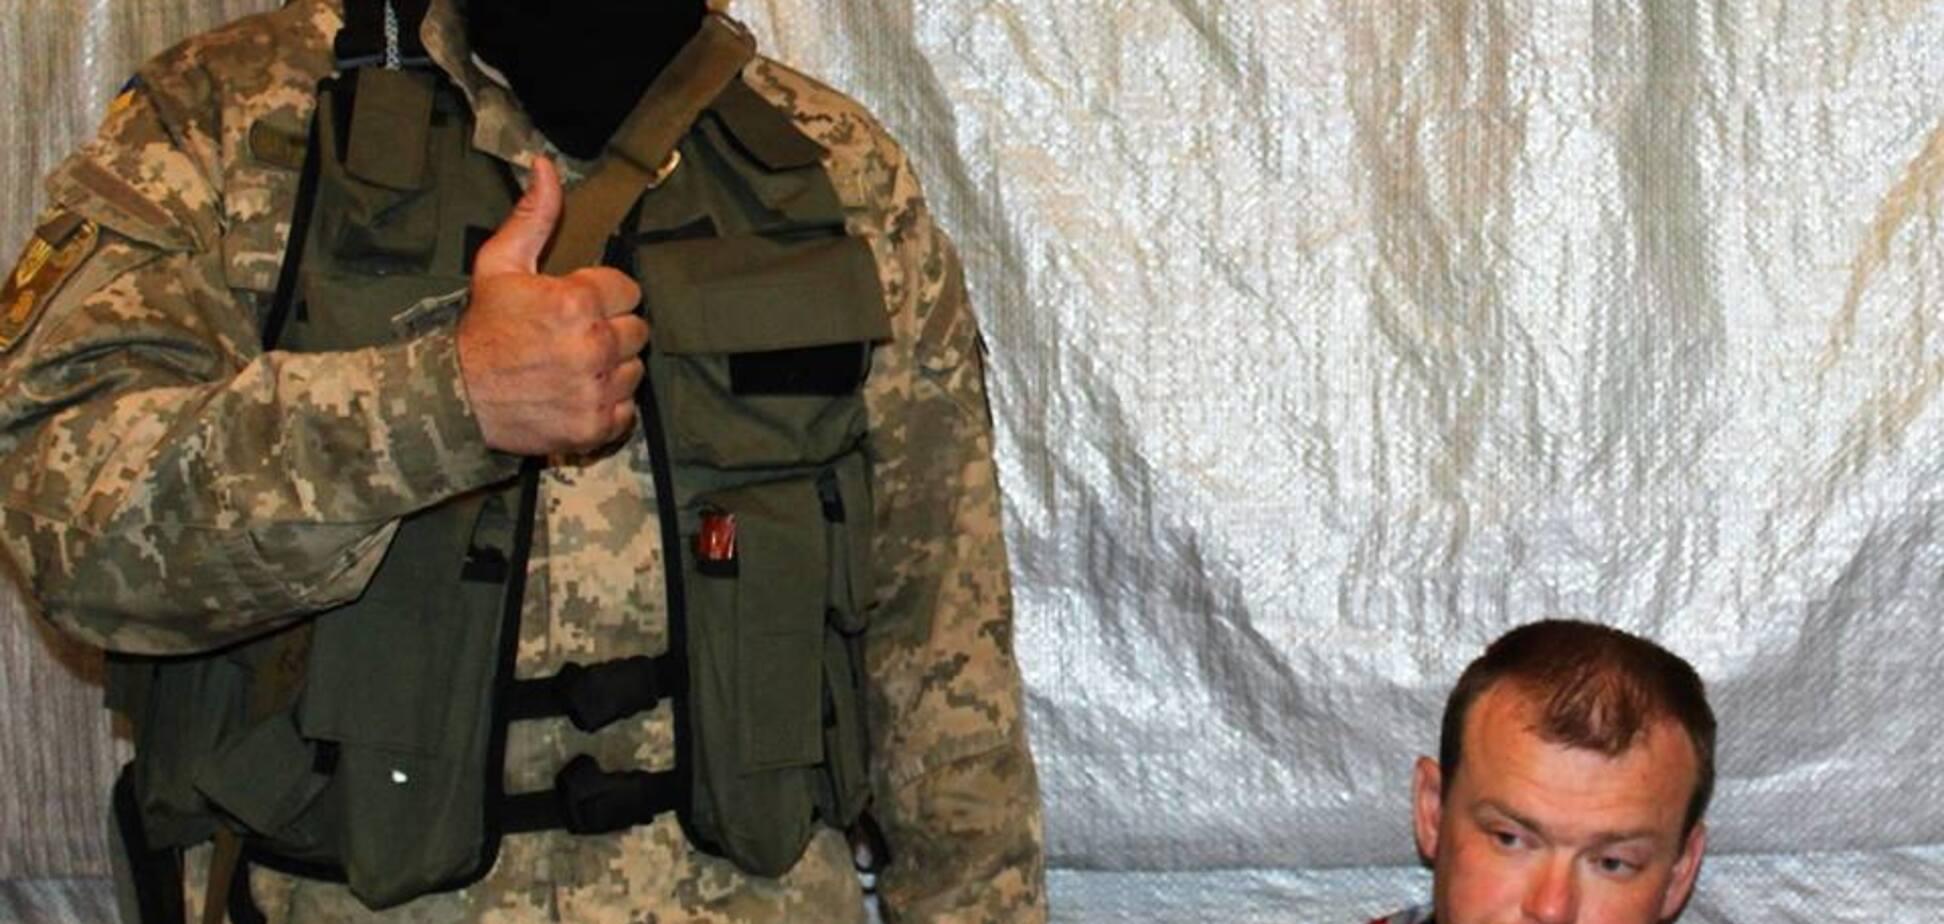 'Сразу показался скользким': выяснились подробности о пойманном предателе ВСУ